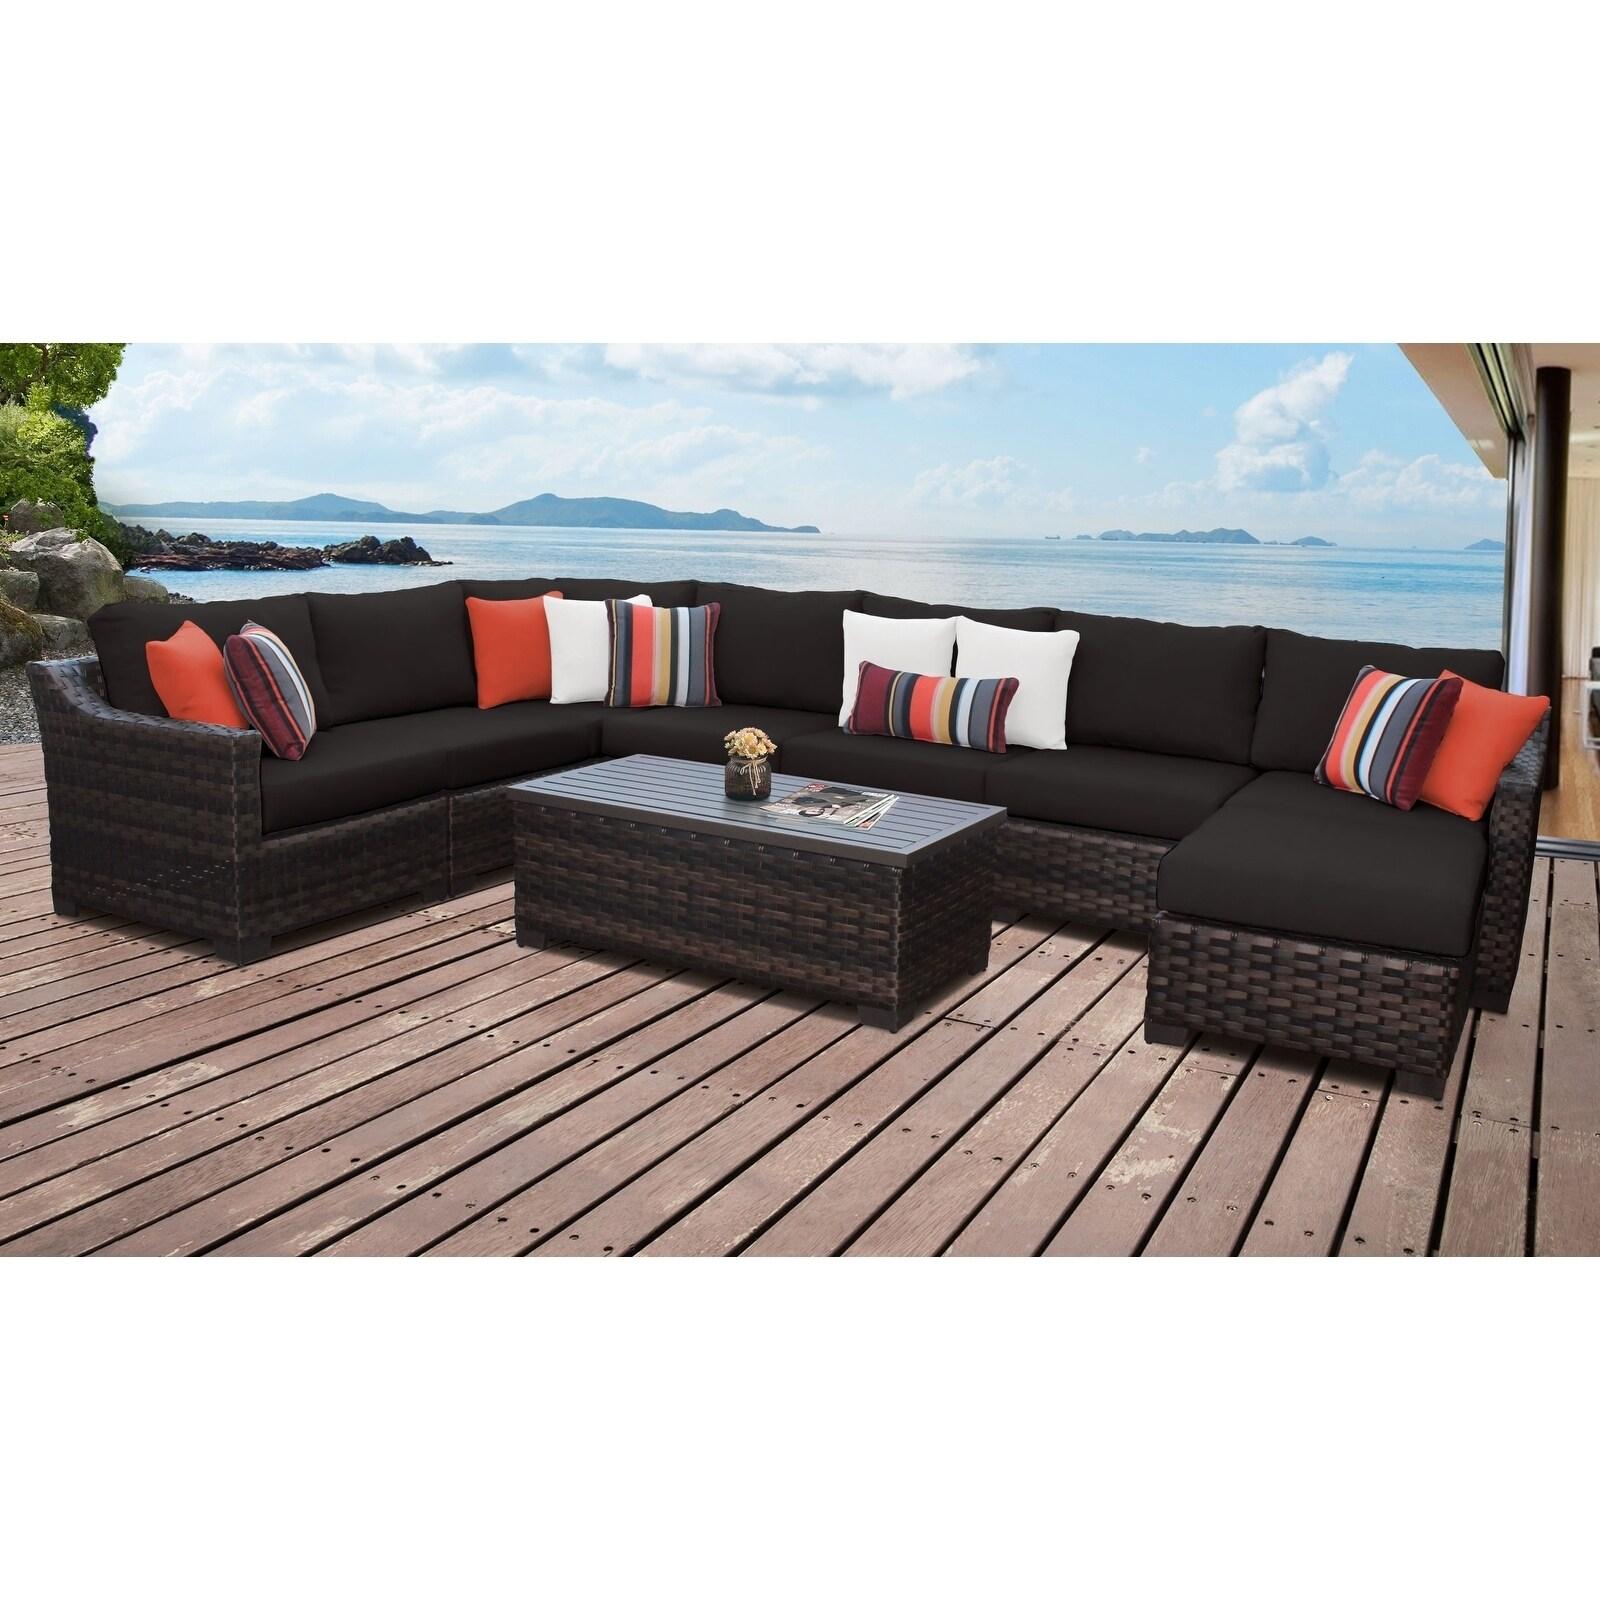 Kathy Ireland River Brook 9 Piece Outdoor Wicker Patio Furniture Set 09d Overstock 27613082